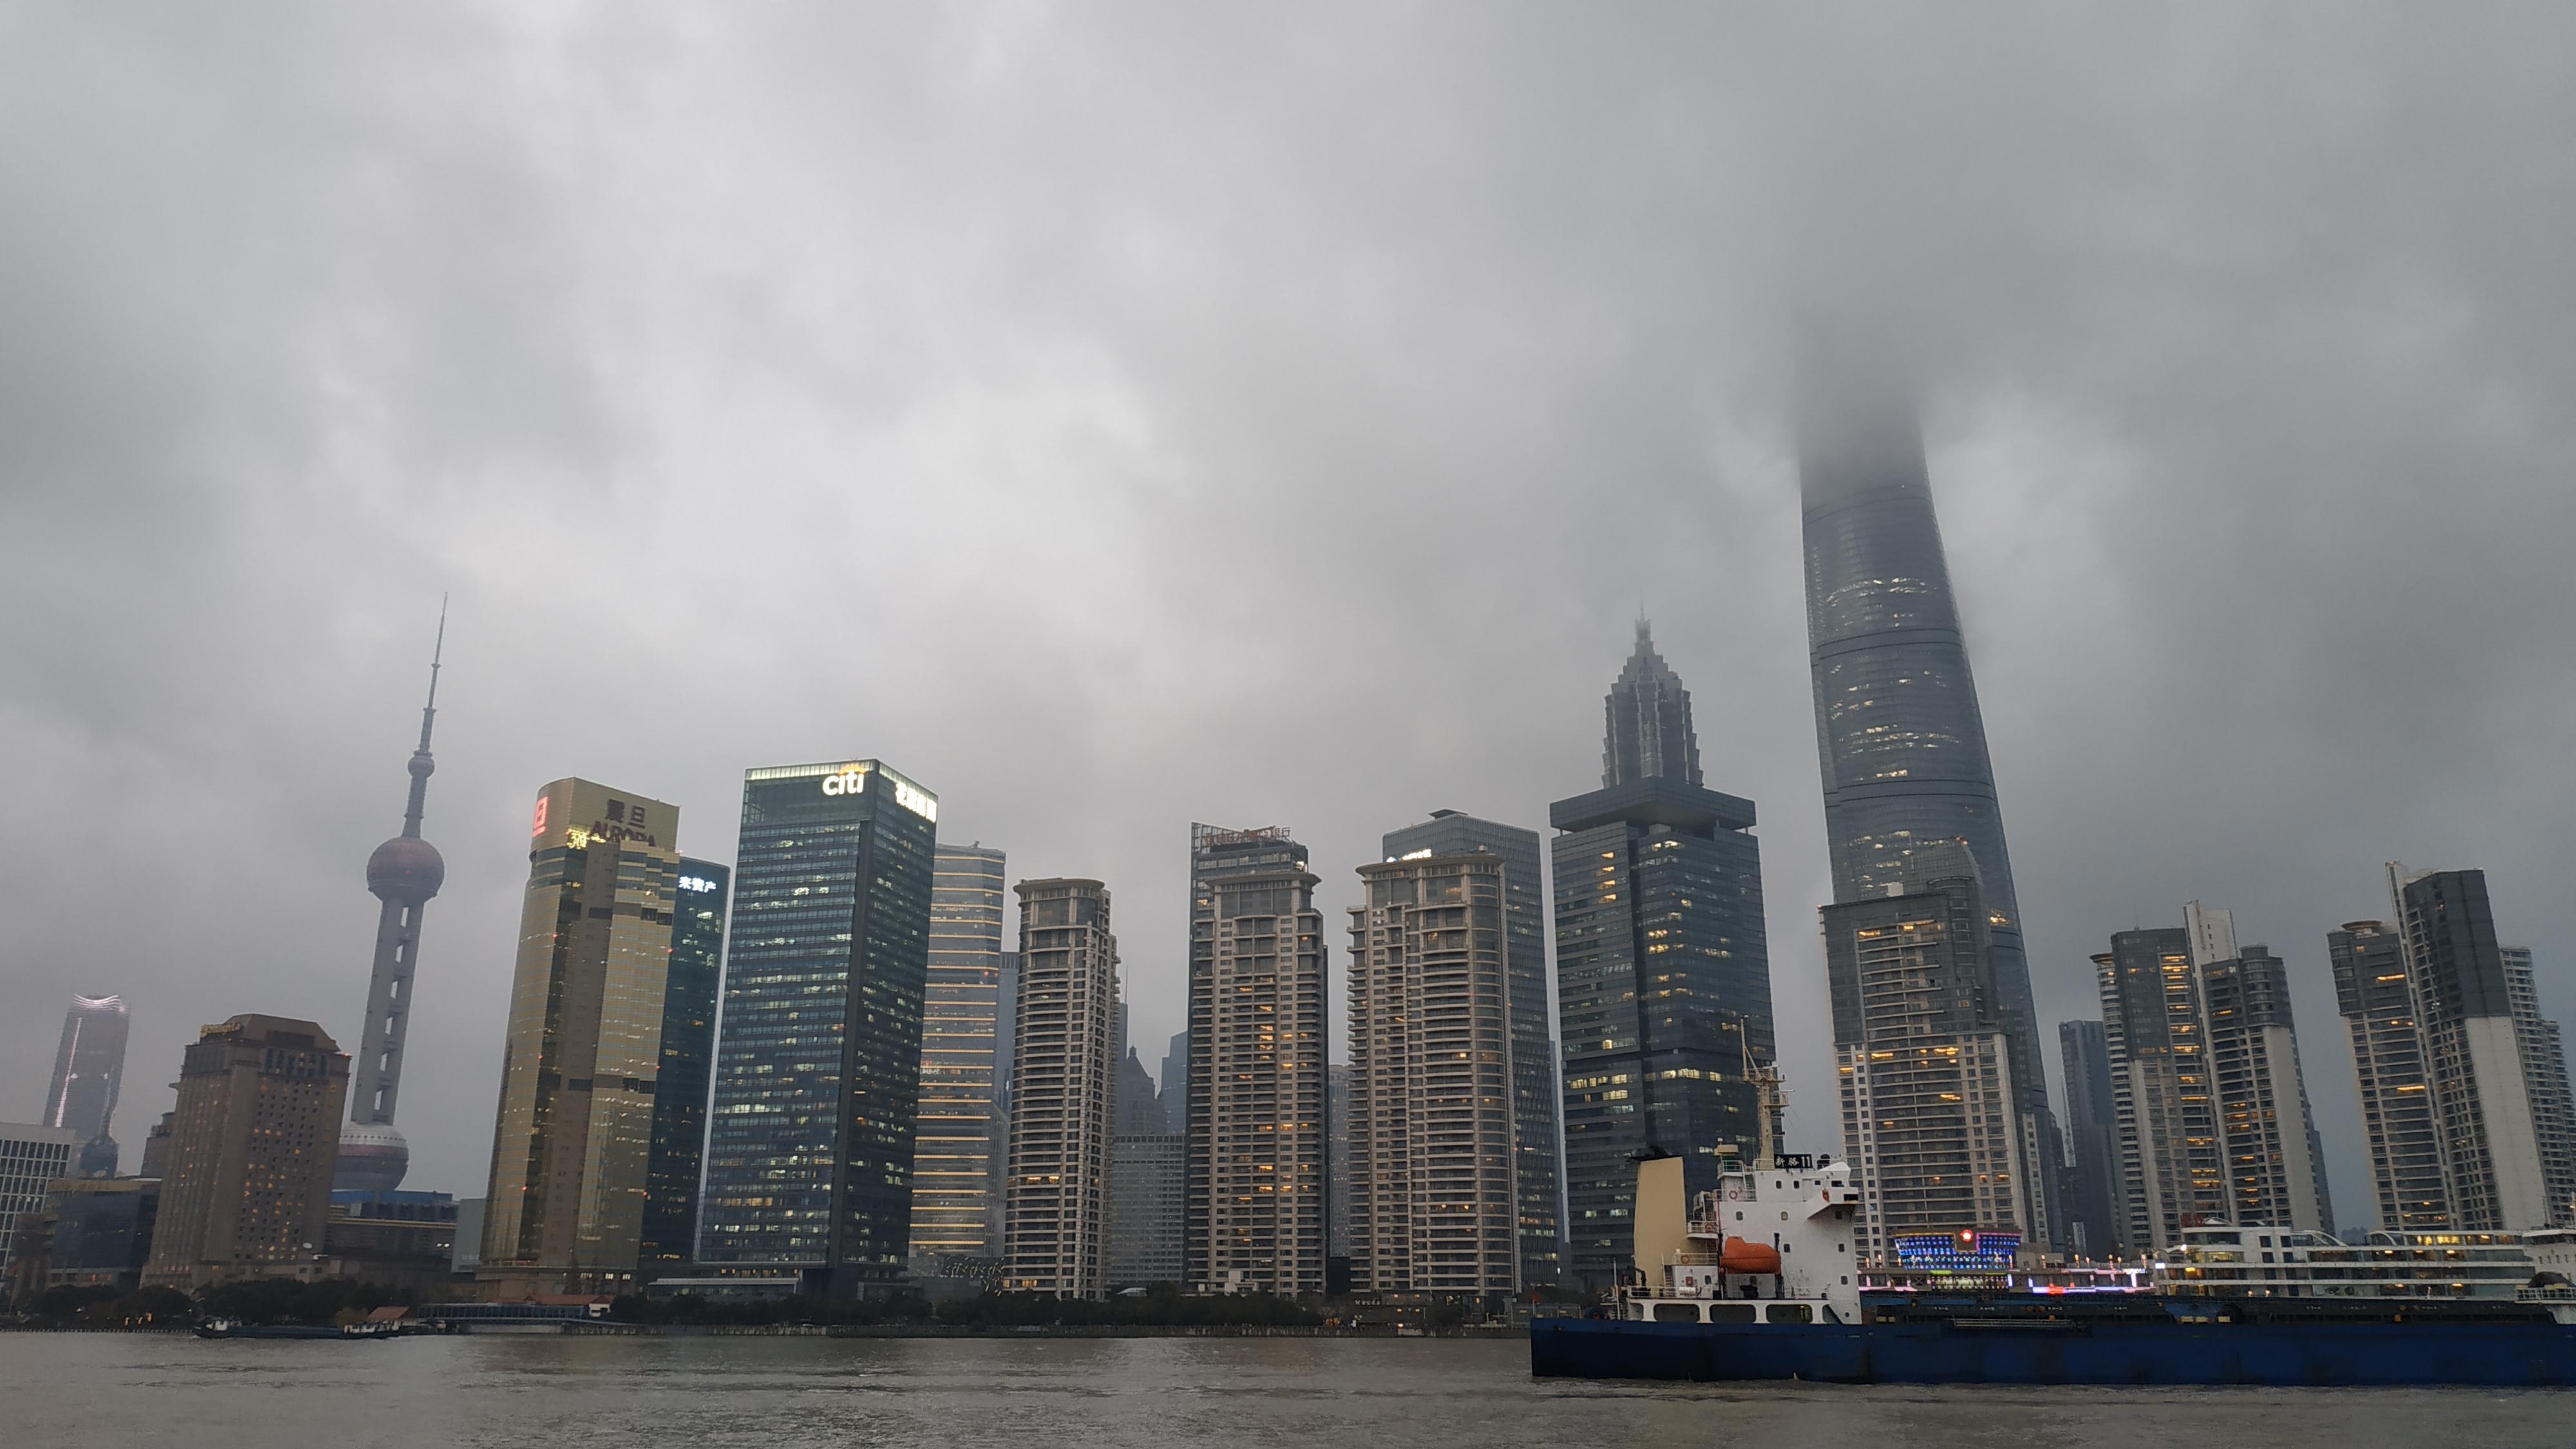 Один из трех небоскребов, выстроенных в районе Пудун, имеет высоту 492 м. Он был возведен в 2008 году, но до сих пор входит в десятку высочайших строений в Азии.